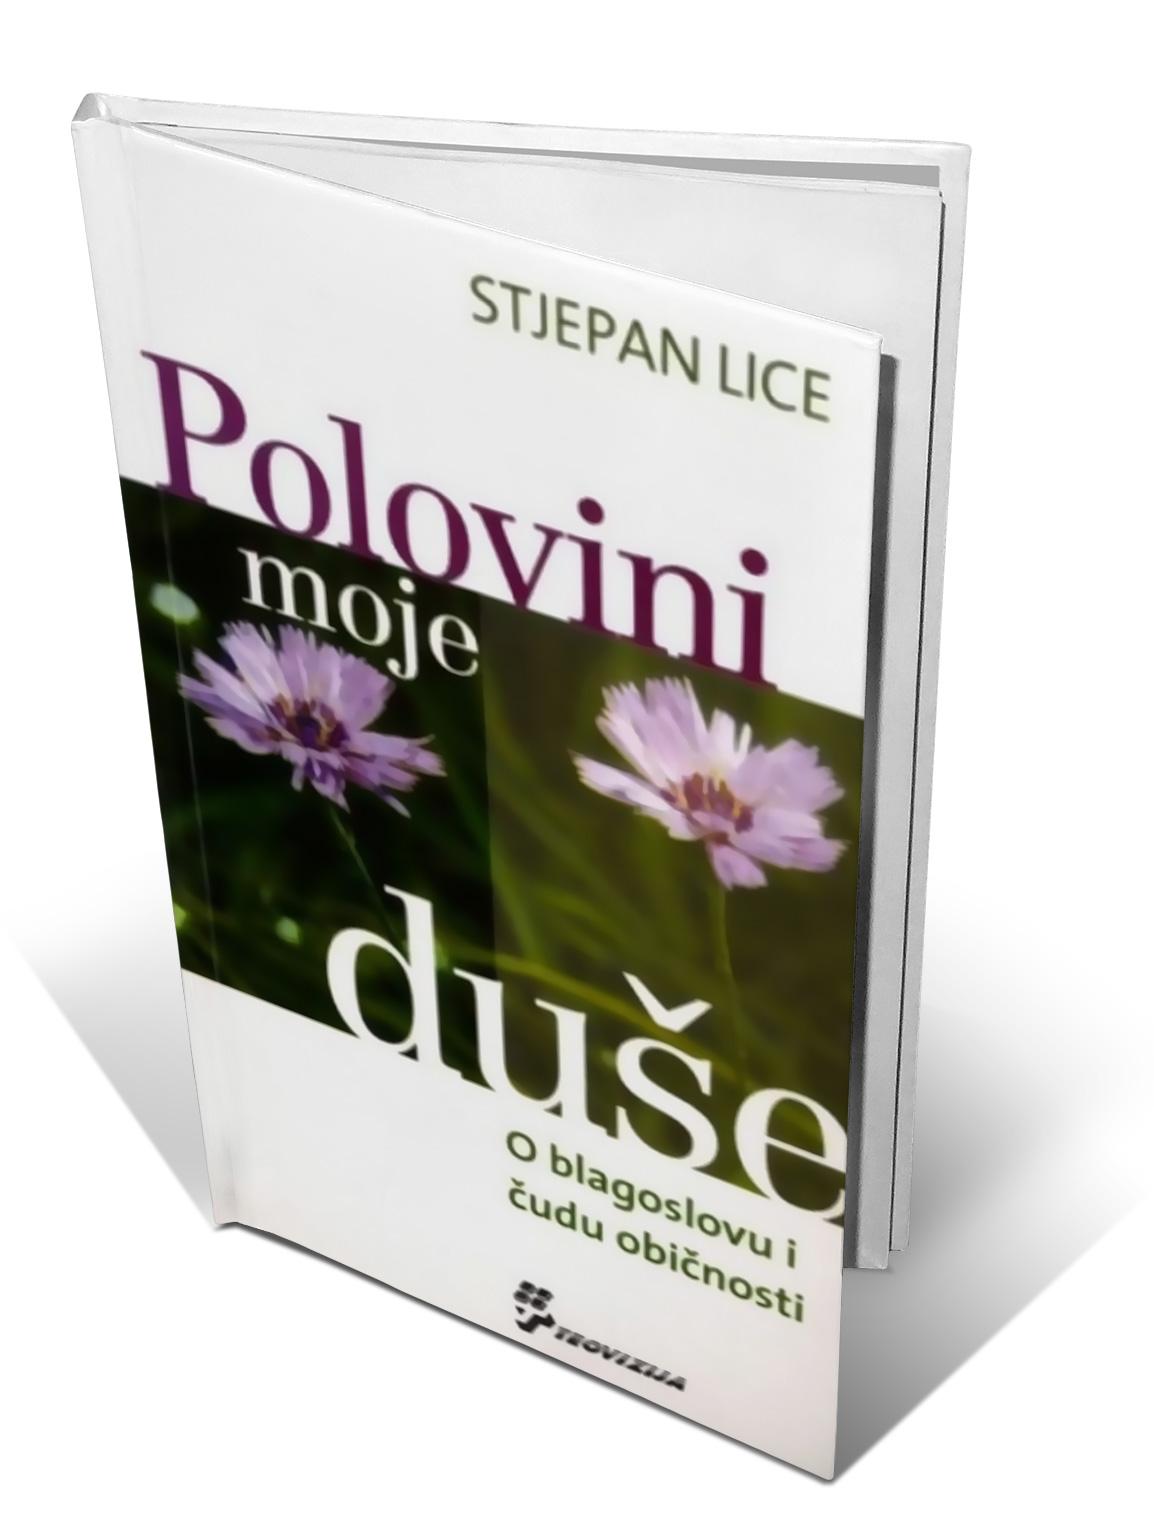 POLOVINI MOJE DUŠE - Stjepan Lice